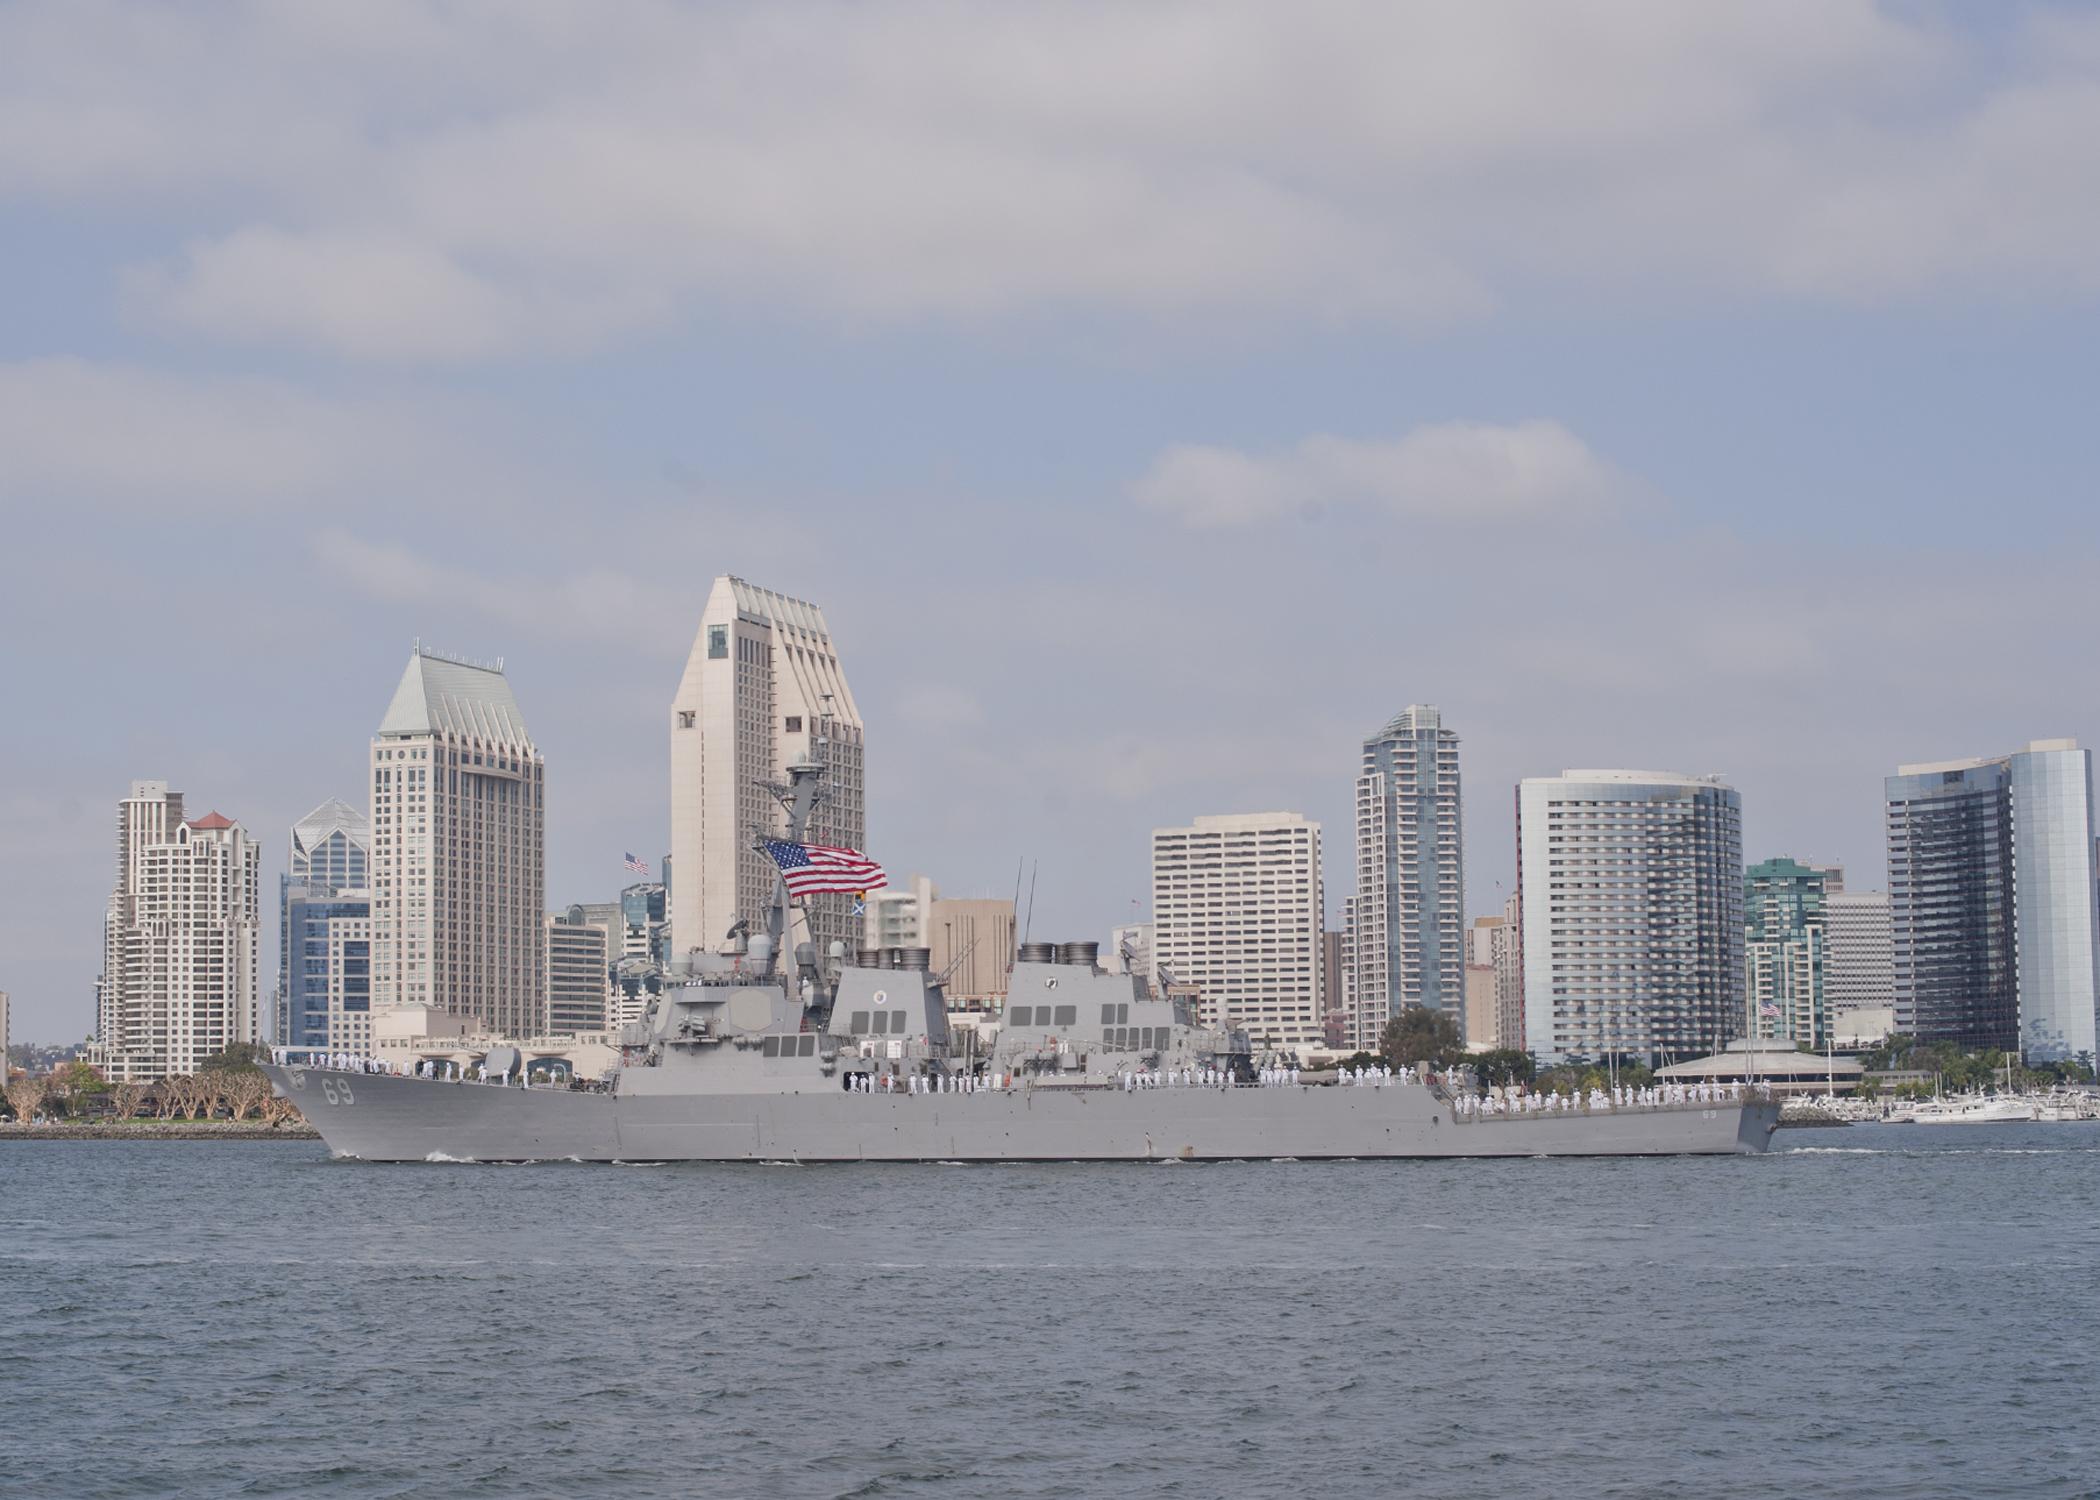 USS MILIUS DDG-69 Auslaufen San Diego am 20.10.2014 Bild: U.S. Navy